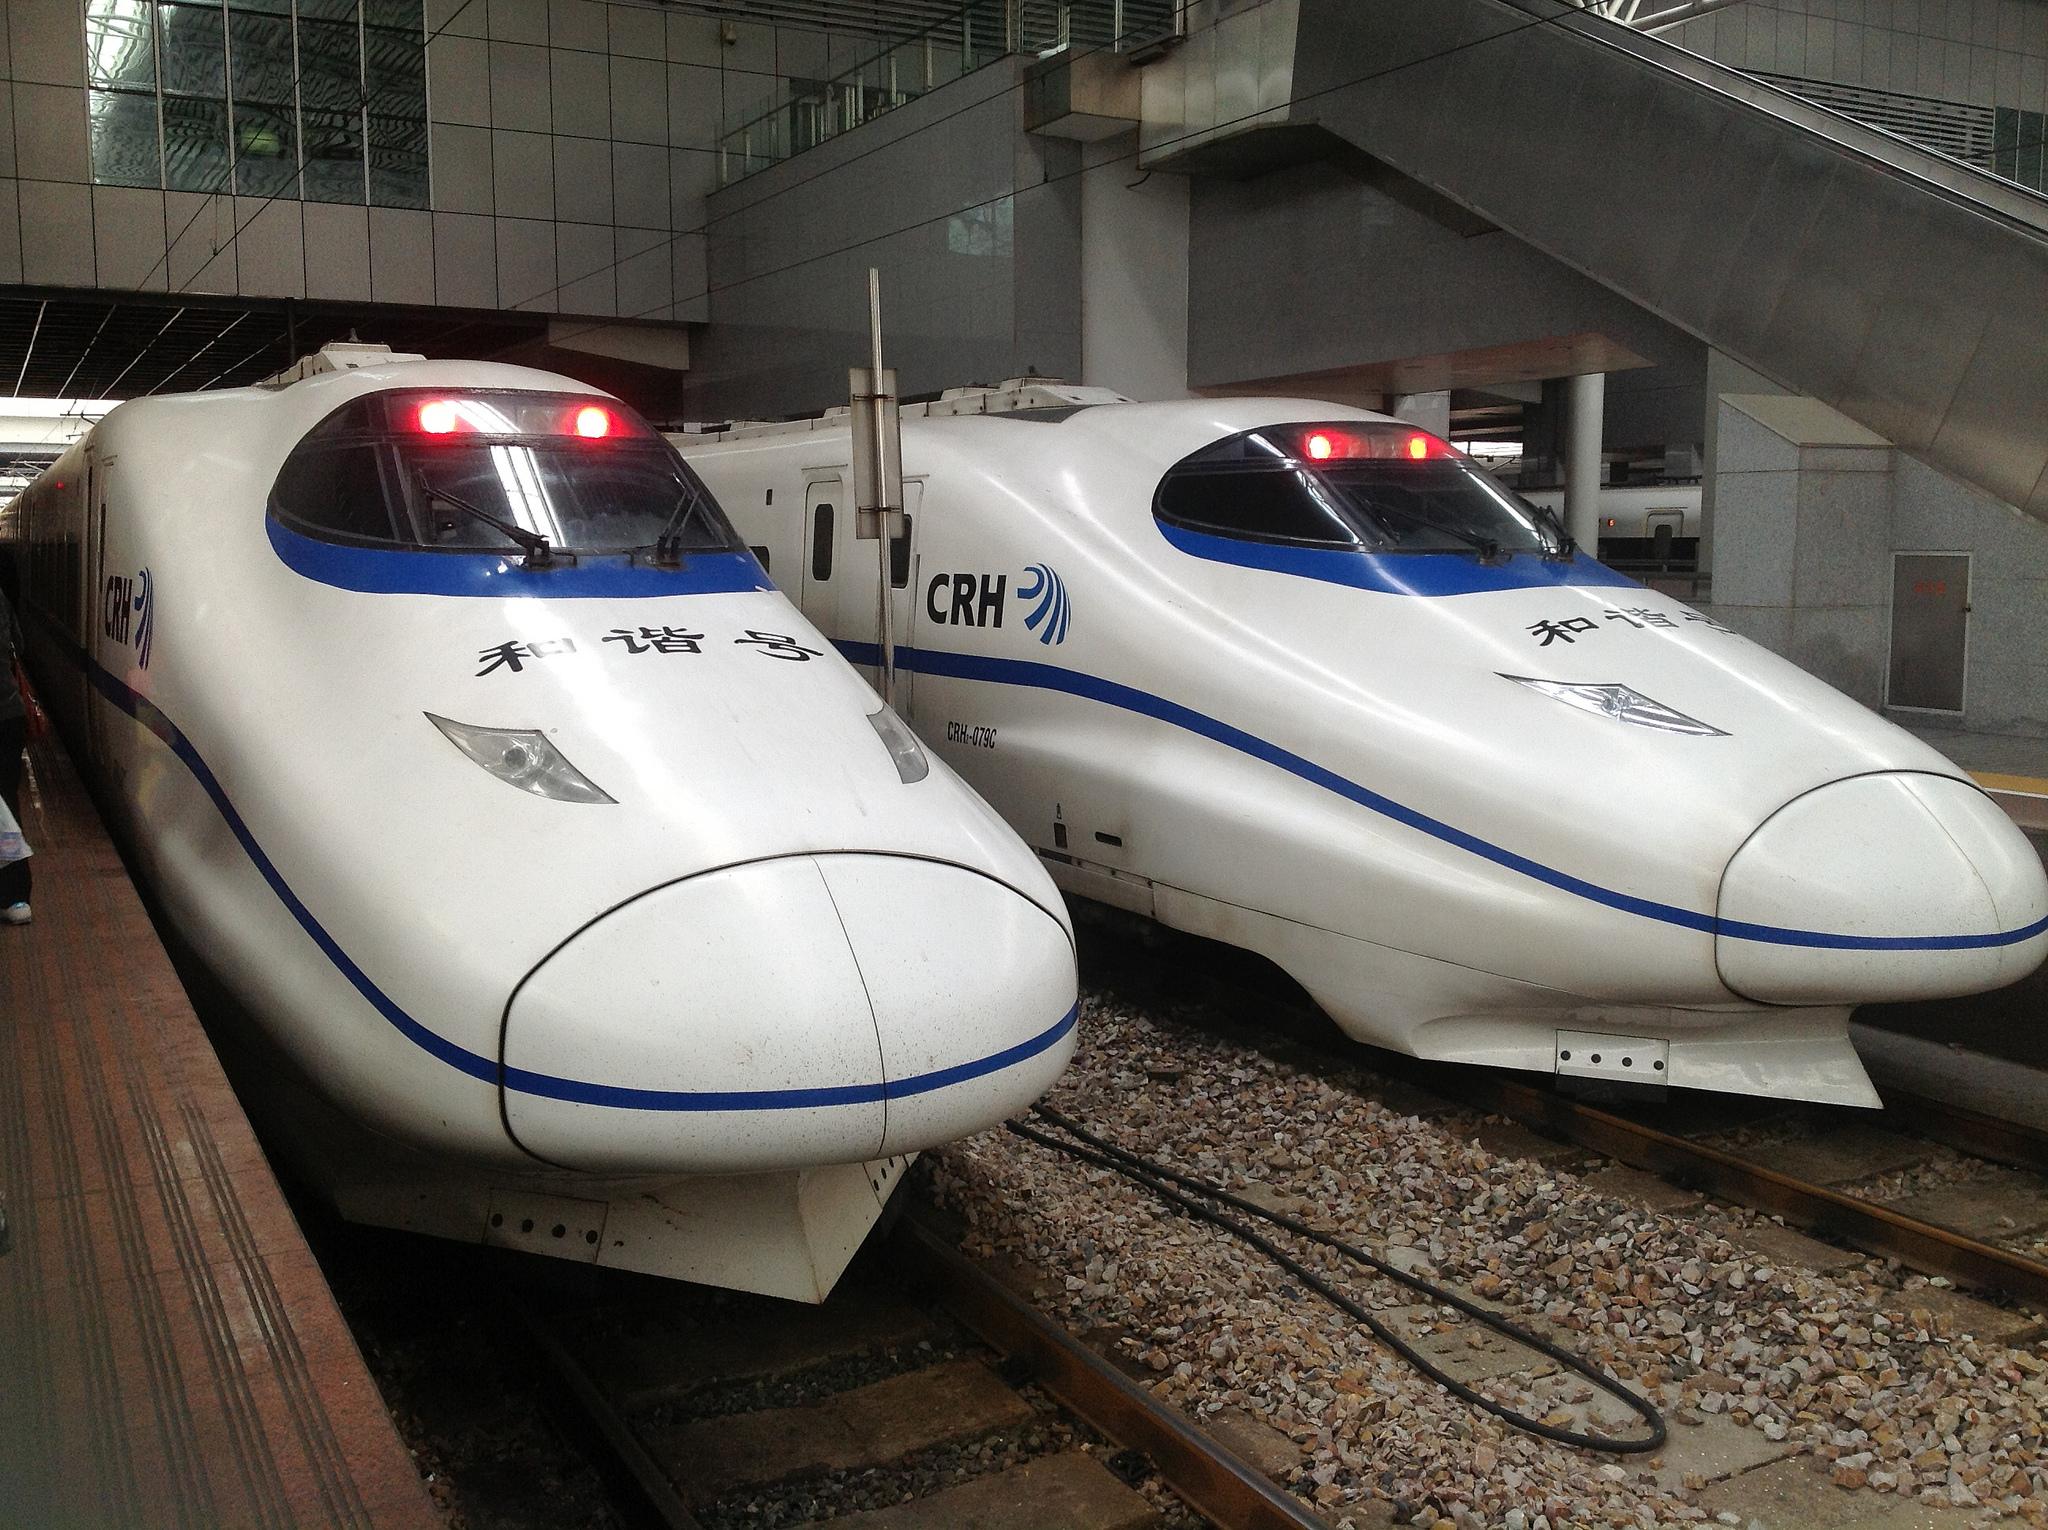 Nagysebességű vonat csak a jó gyerekeknek jár (Forrás: Marufish / CC-BY)